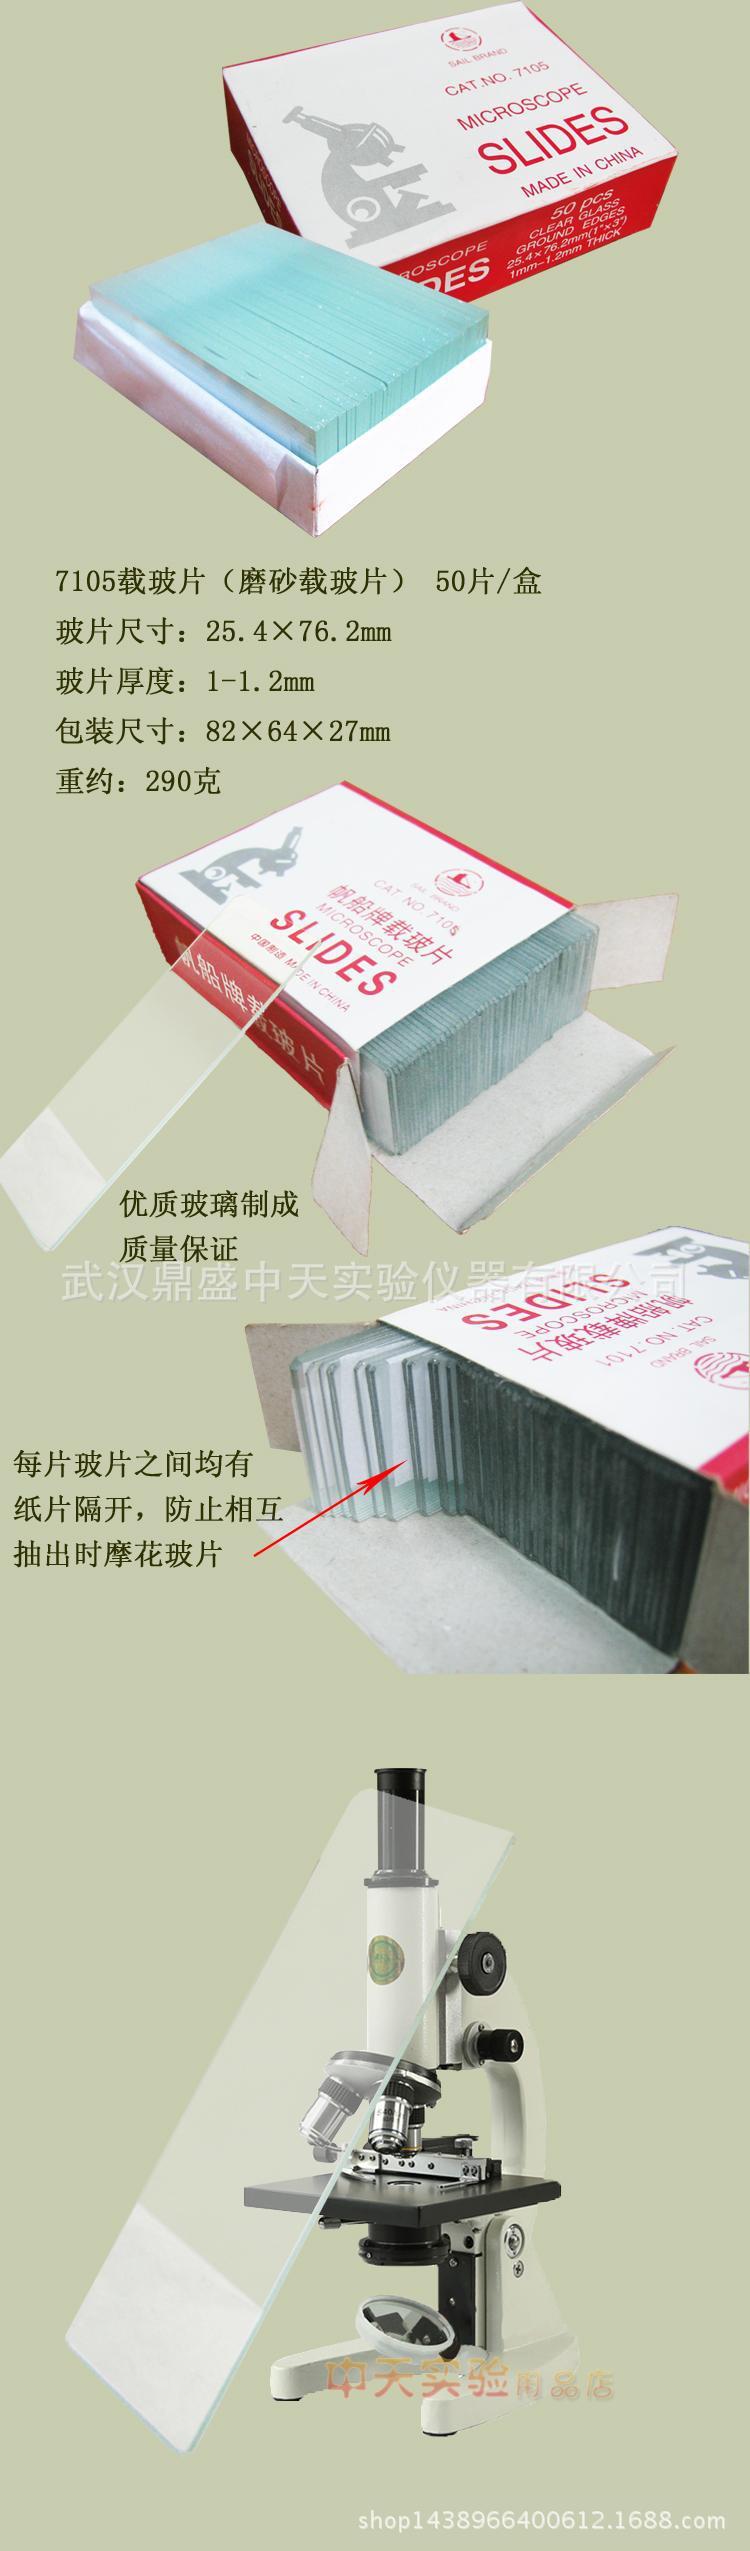 批发供应载玻片 7105 磨砂面 帆船牌 50片每盒 厂家代理